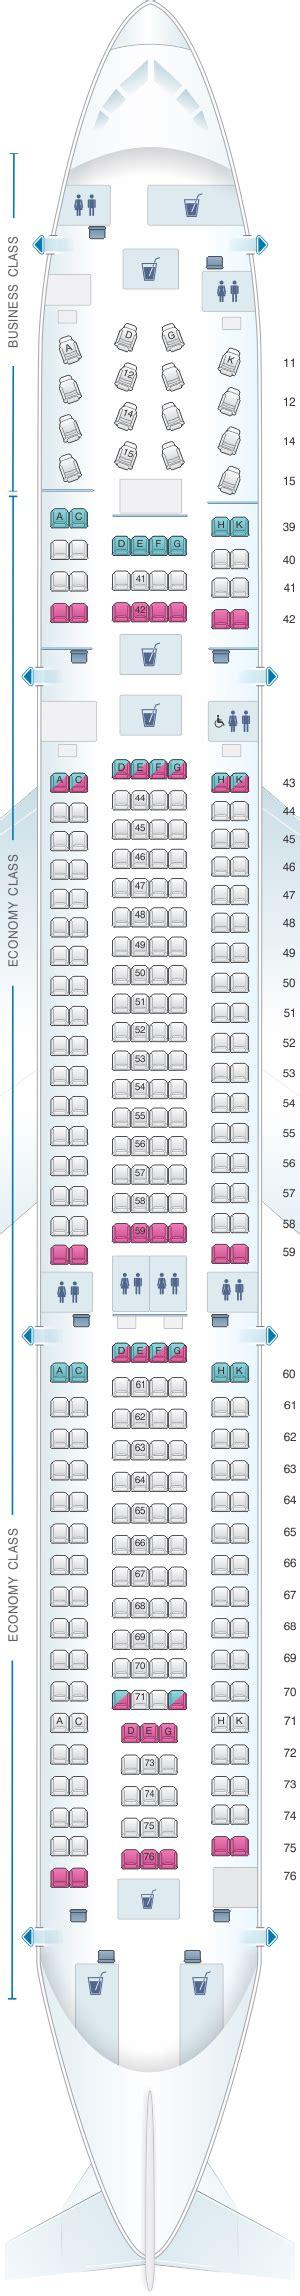 a330 seat map cathay pacific seat map cathay pacific airways airbus a330 300 33p